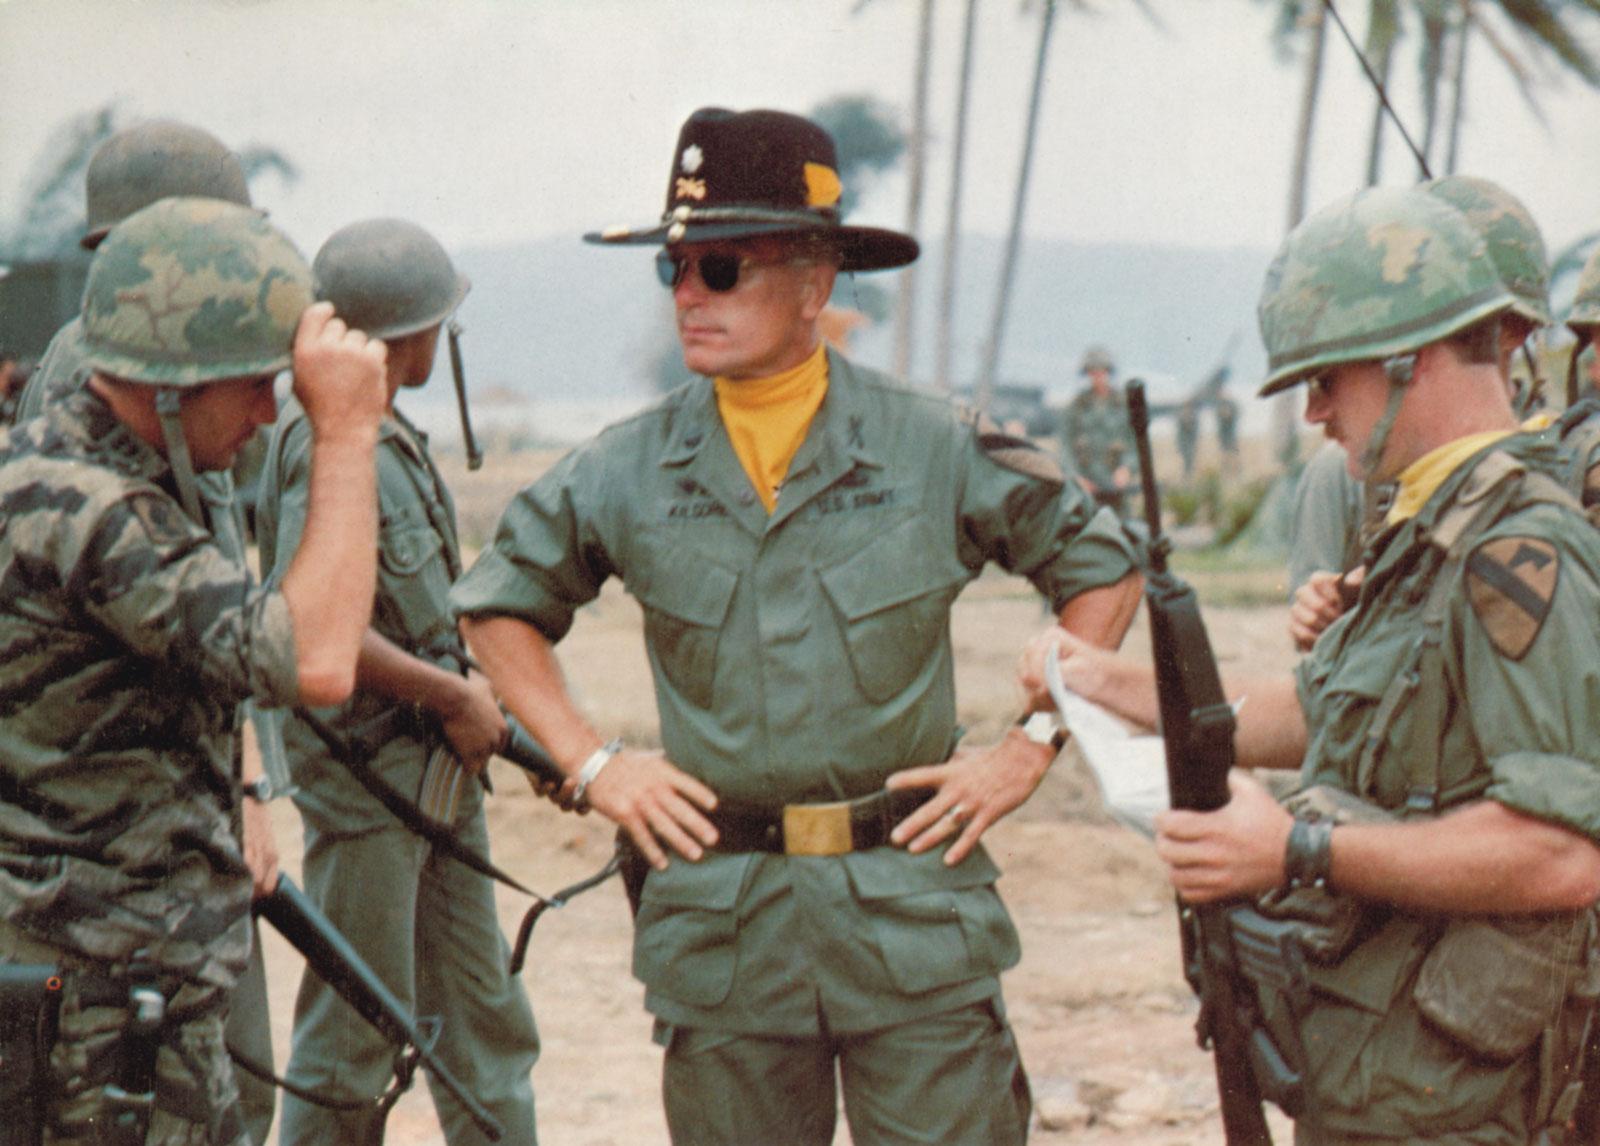 Robert Duvall - Apocalypse Now